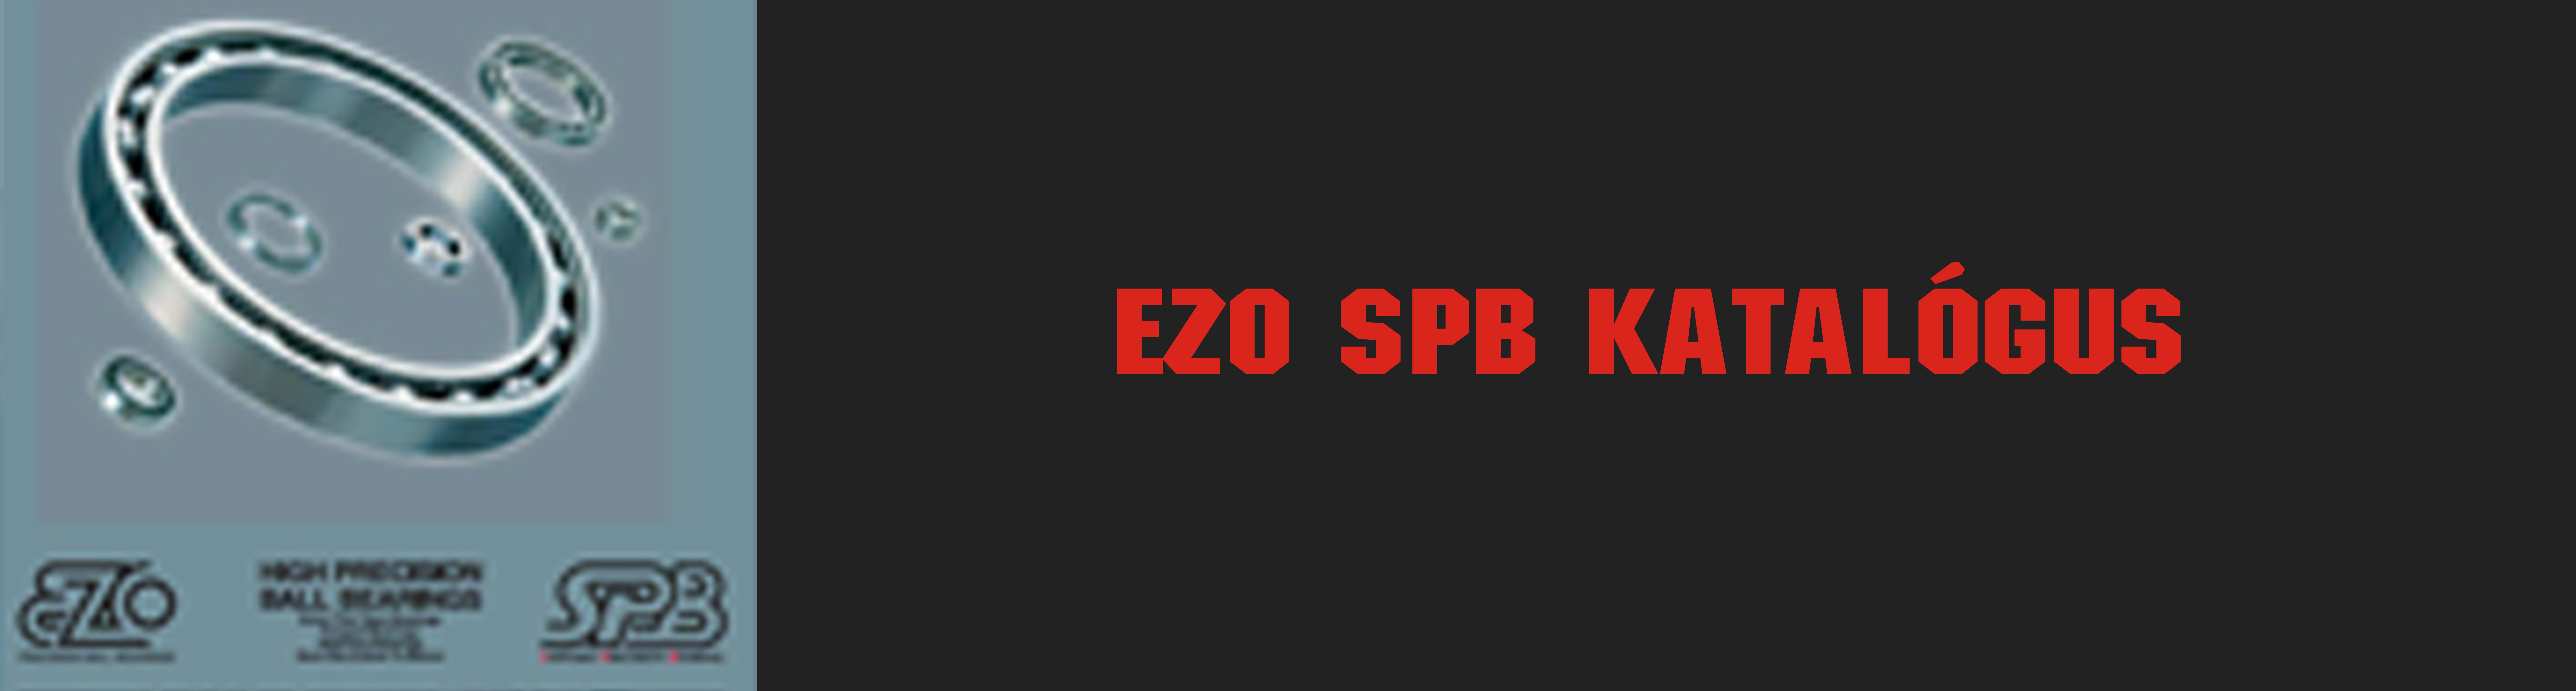 ezo spb